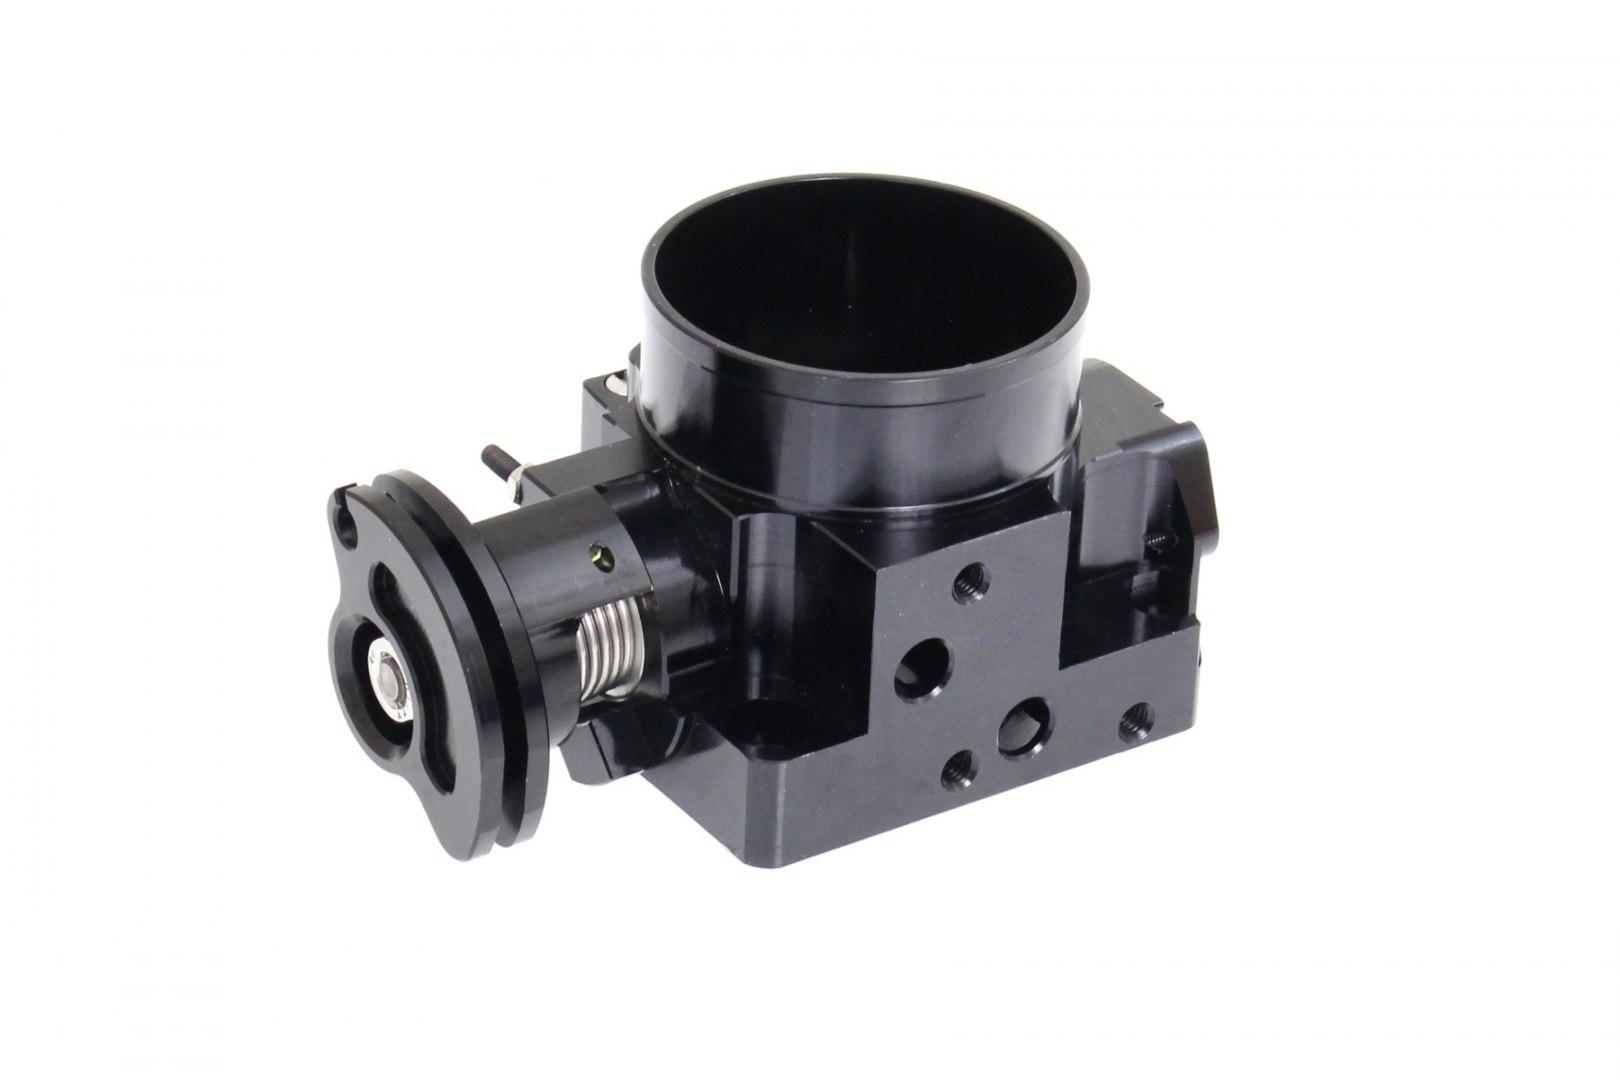 Przepustnica TurboWorks Mazda MX-5 94-97 Miata 1.8L BP-ZE 64mm - GRUBYGARAGE - Sklep Tuningowy